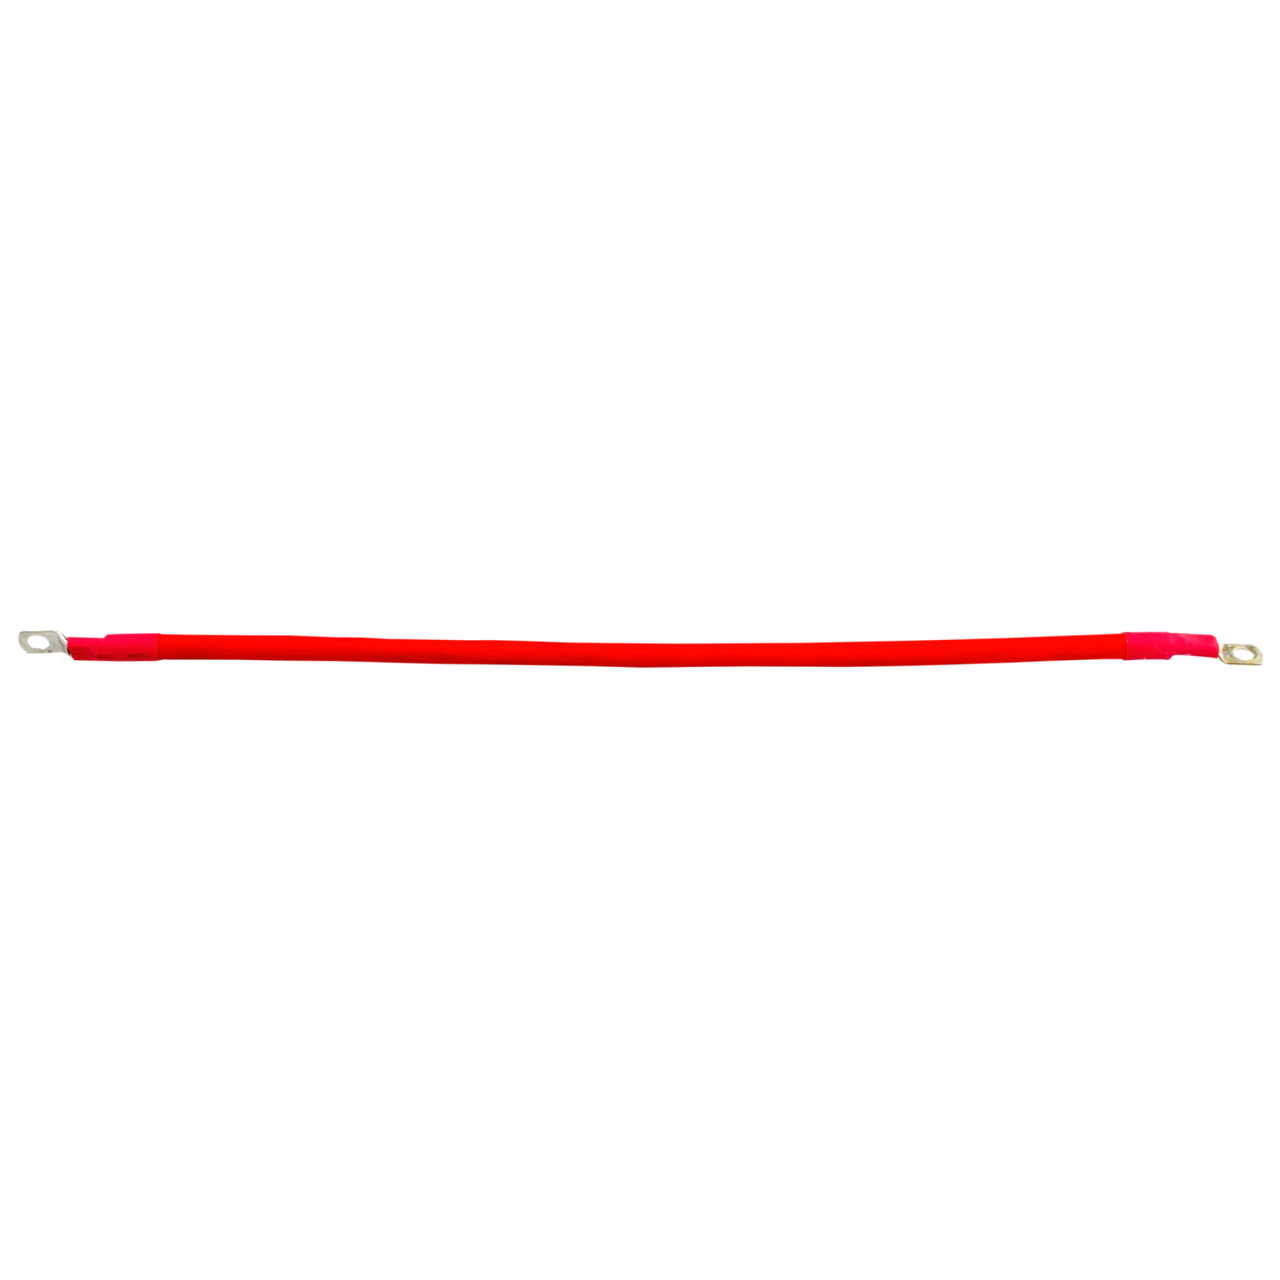 Провод медный для соединения АКБ 22 кв. мм - 50 см (с клеммами)